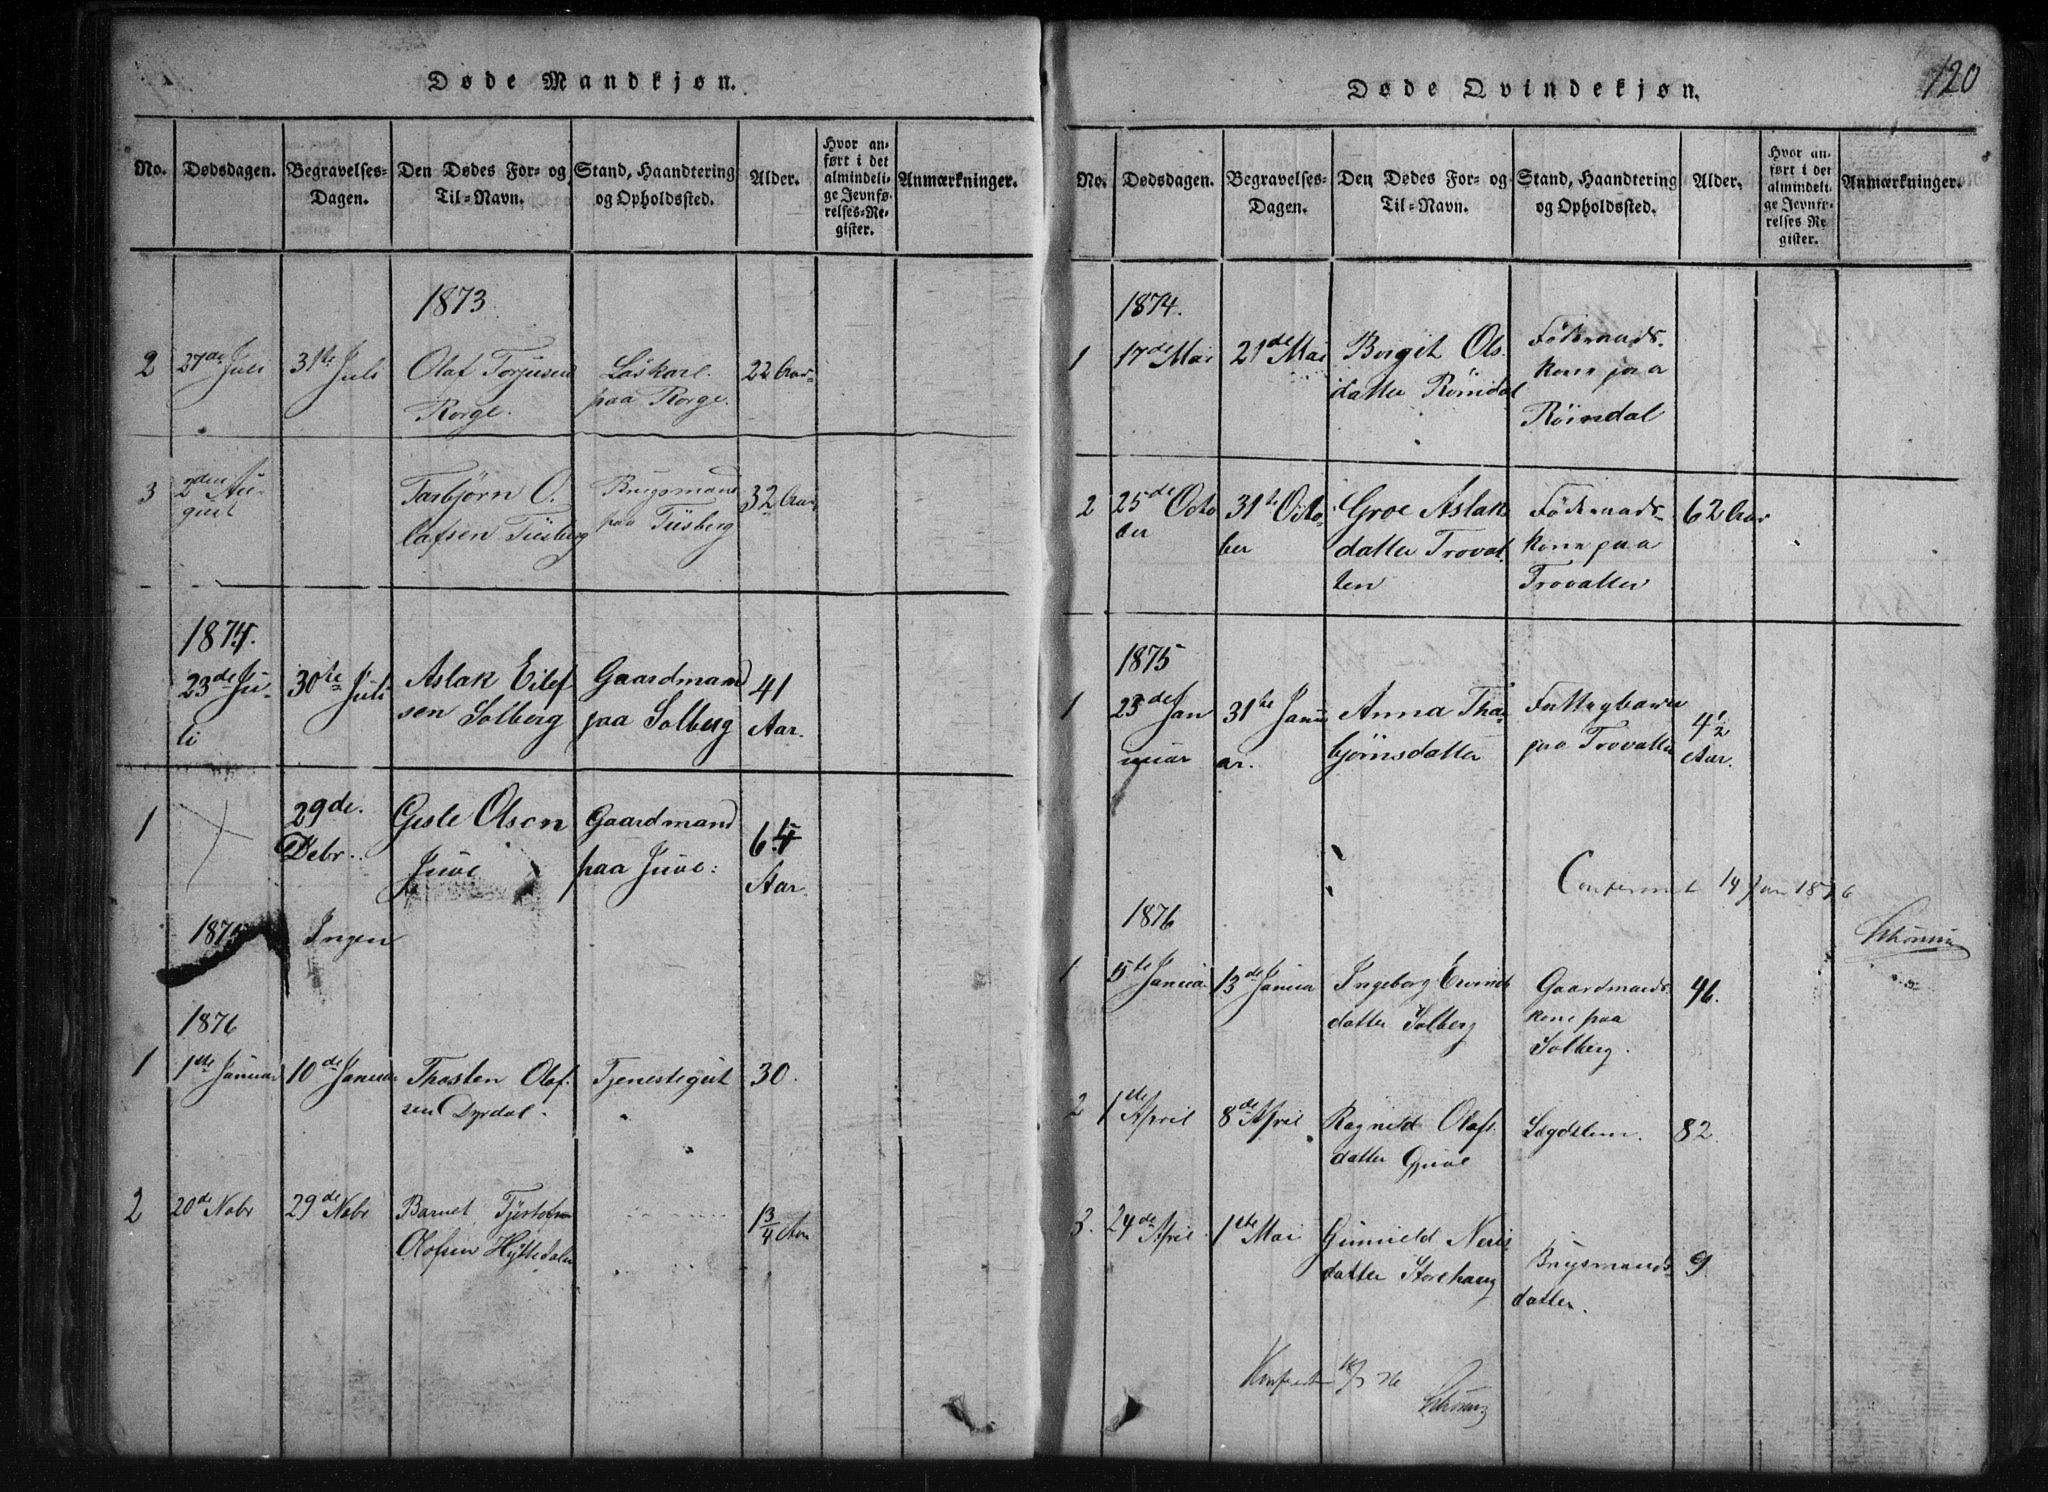 SAKO, Rauland kirkebøker, G/Gb/L0001: Klokkerbok nr. II 1, 1815-1886, s. 120